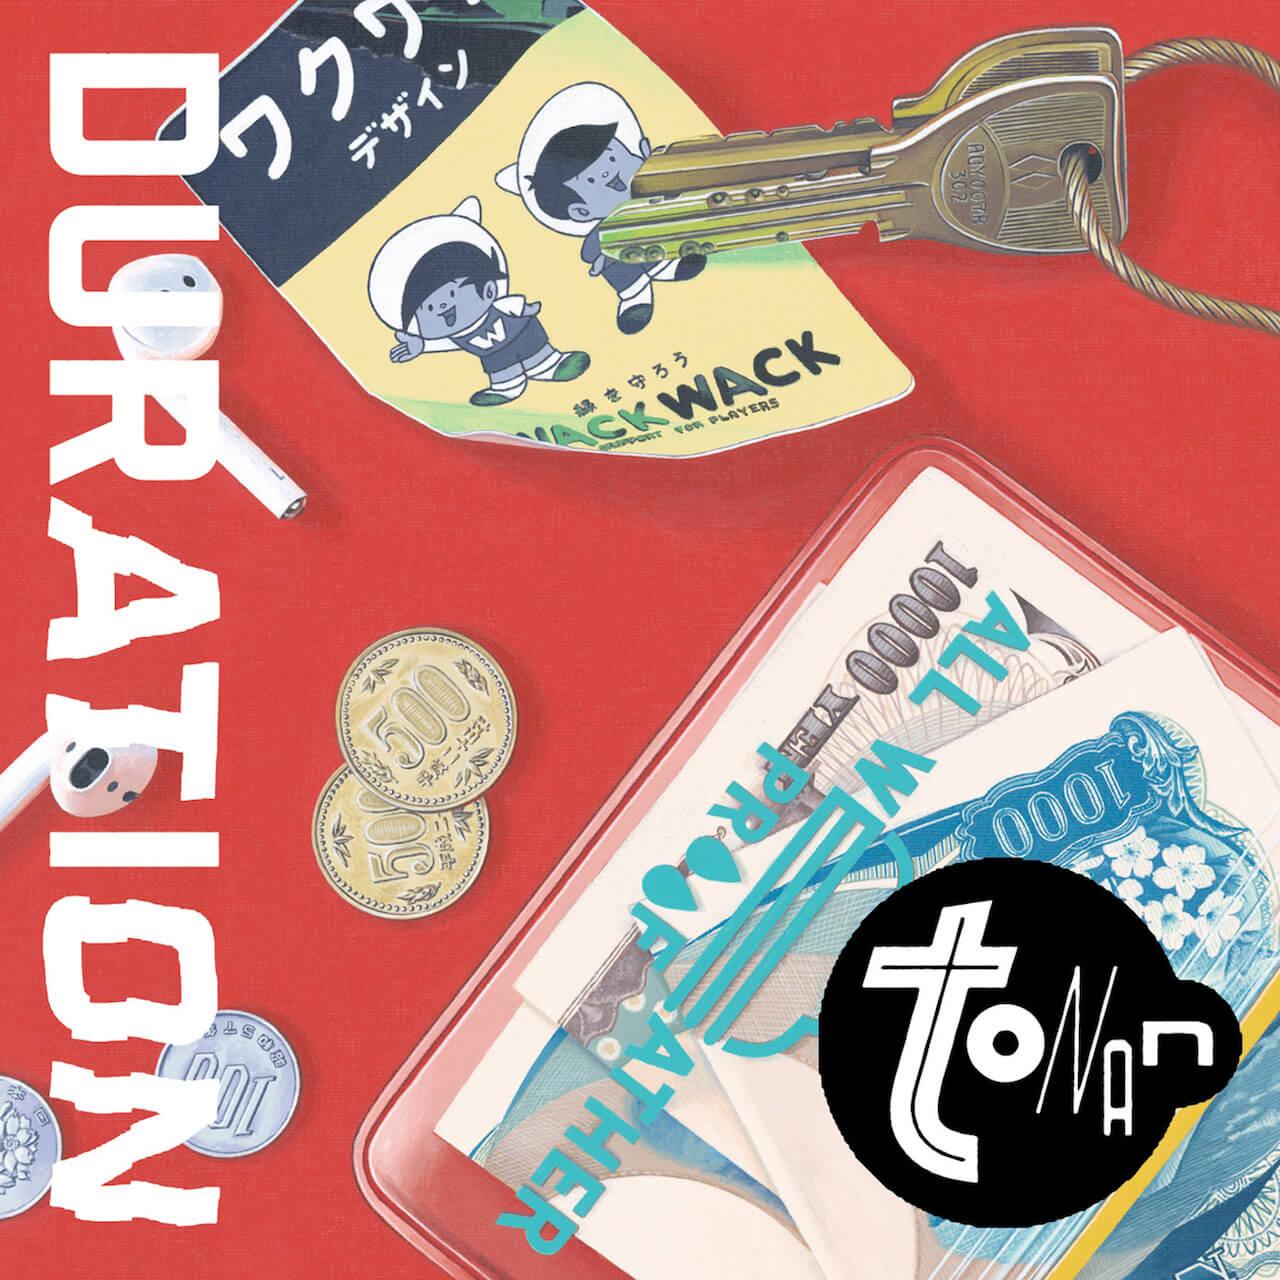 TONANの1stソロアルバム『DURATION』からCampanella、ERAが参加した「Yours(Prod. GREEN ASSASSIN DOLLAR)」のMVが公開 music200313-tonan-1